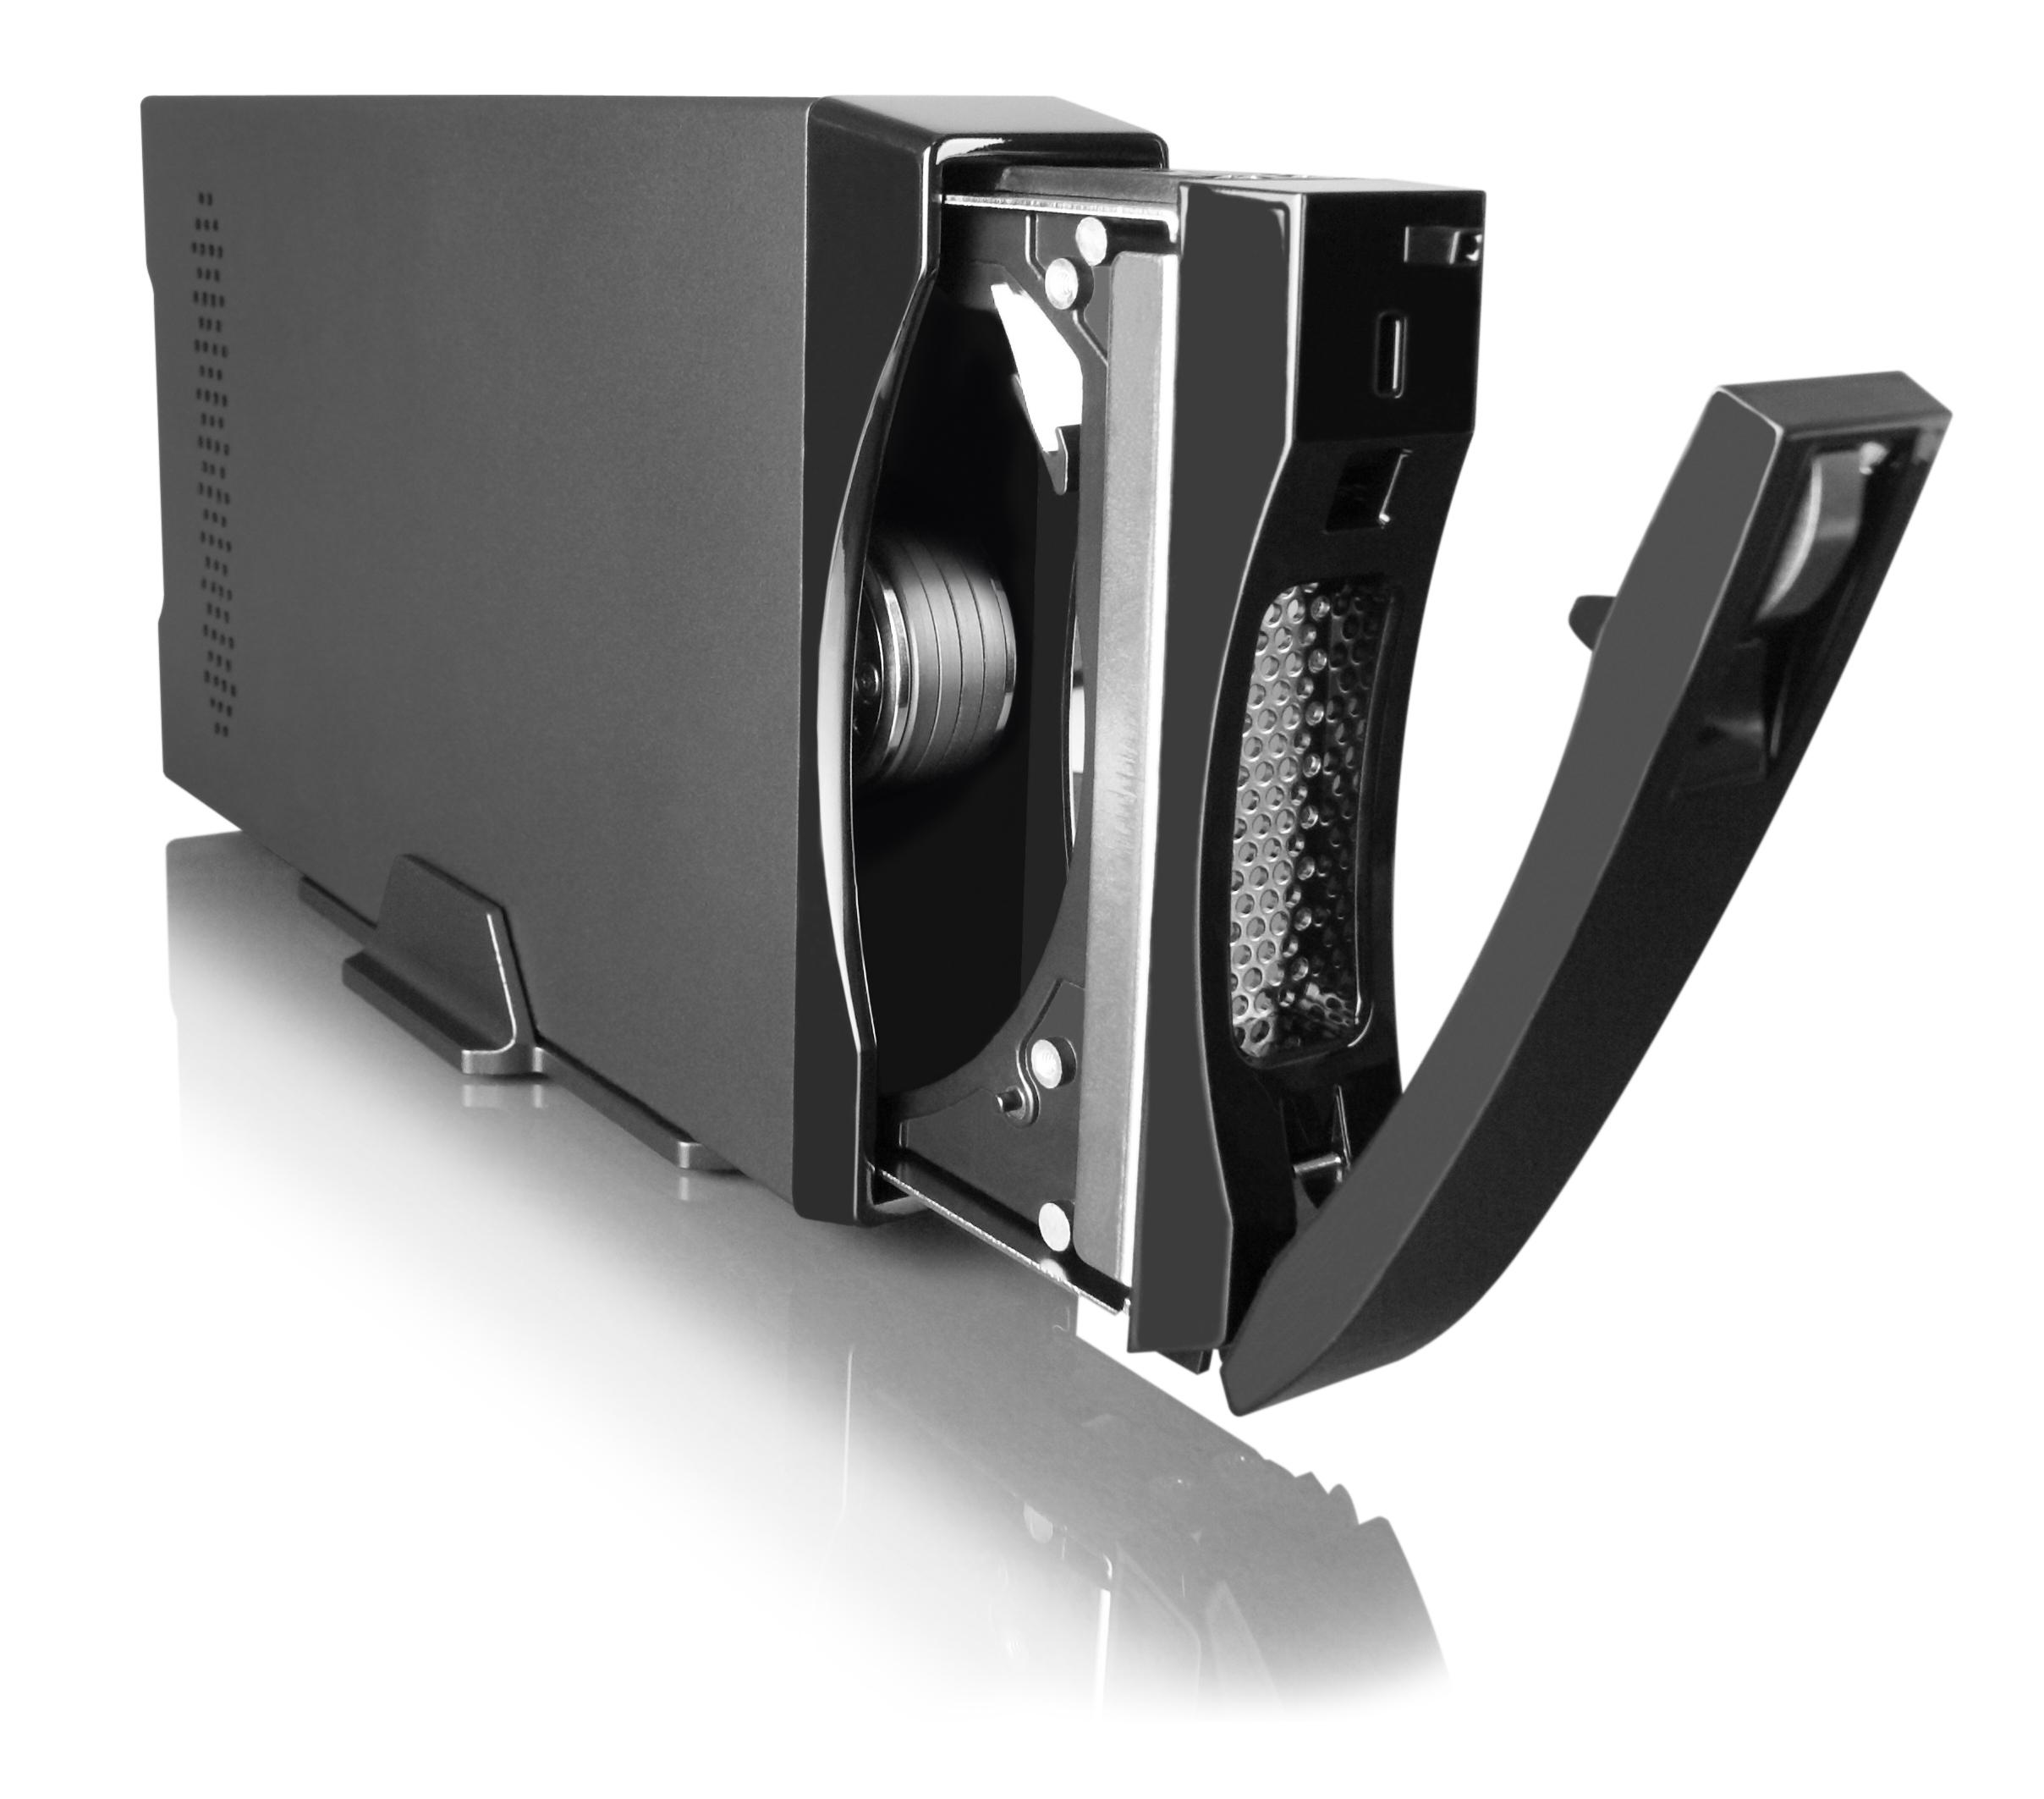 銳銨科技推出第一台同時支援eSATA和USB3.0的硬碟外接盒!